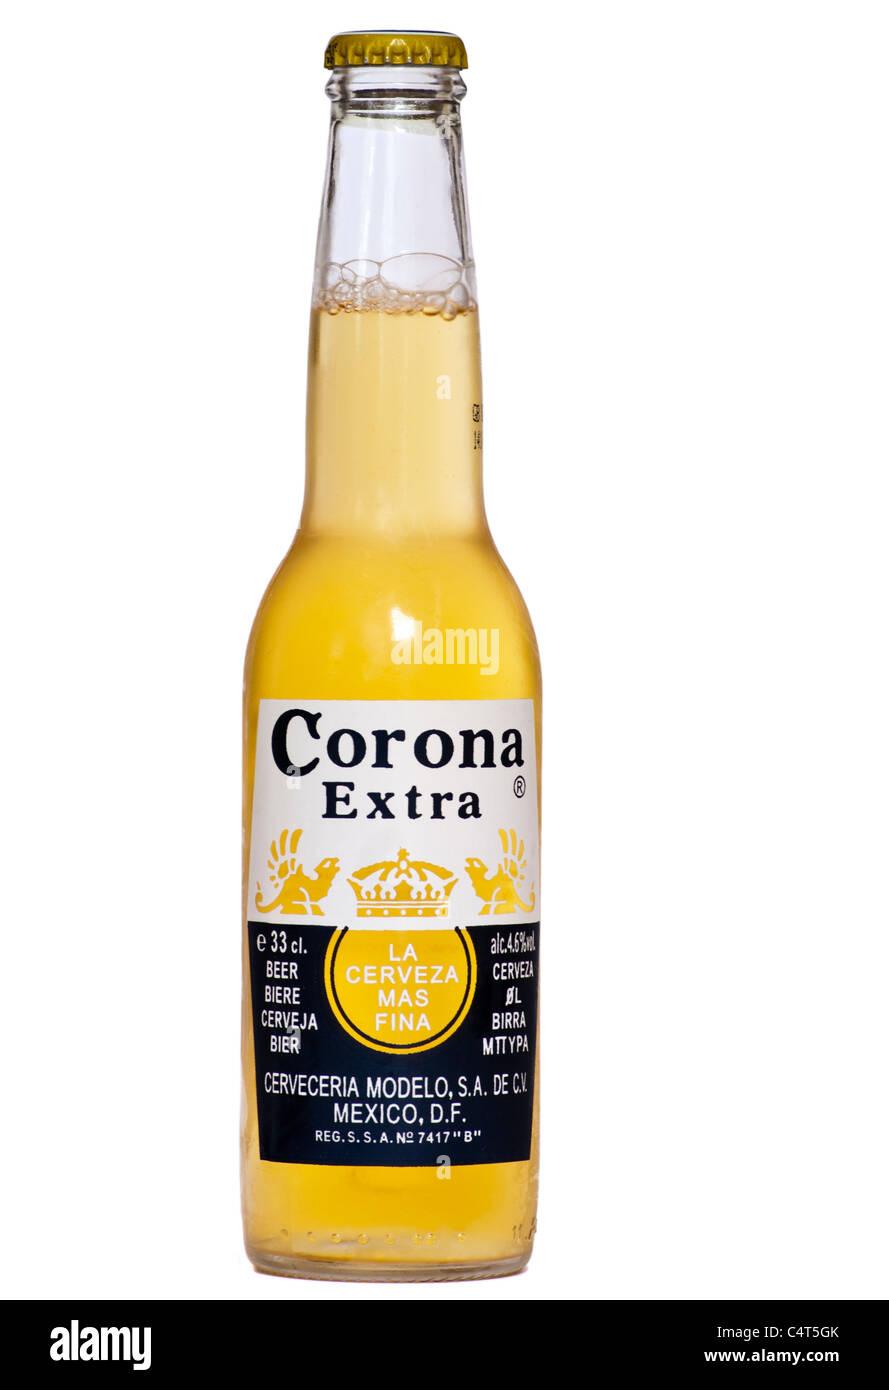 Bottiglia di Corona Extra birra messicana Immagini Stock